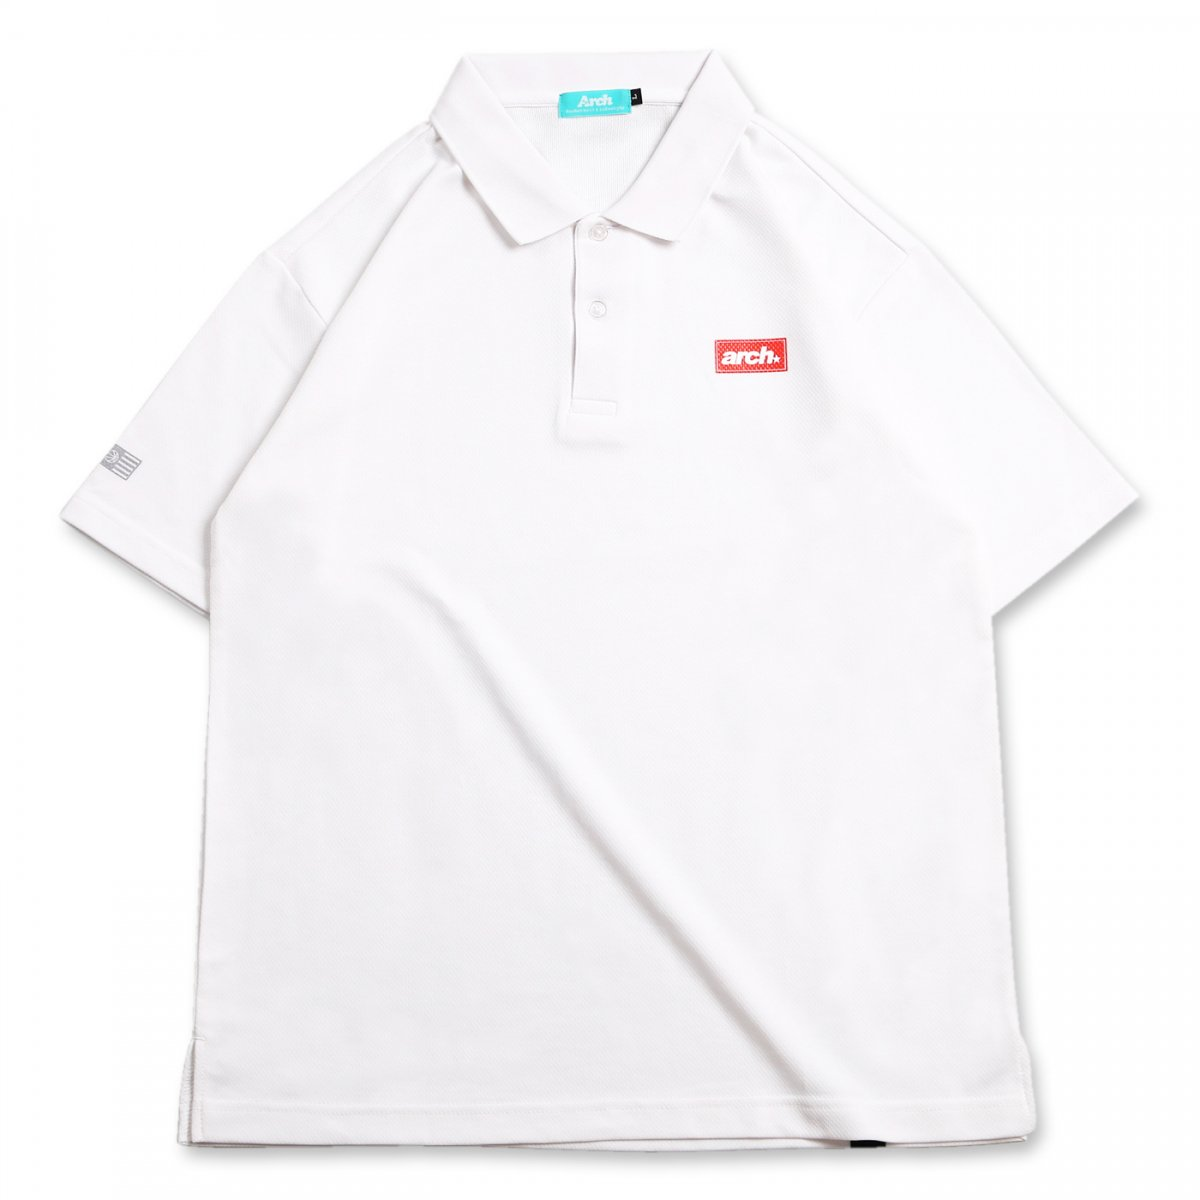 バスケ スクエアロゴ ポロシャツ ホワイト